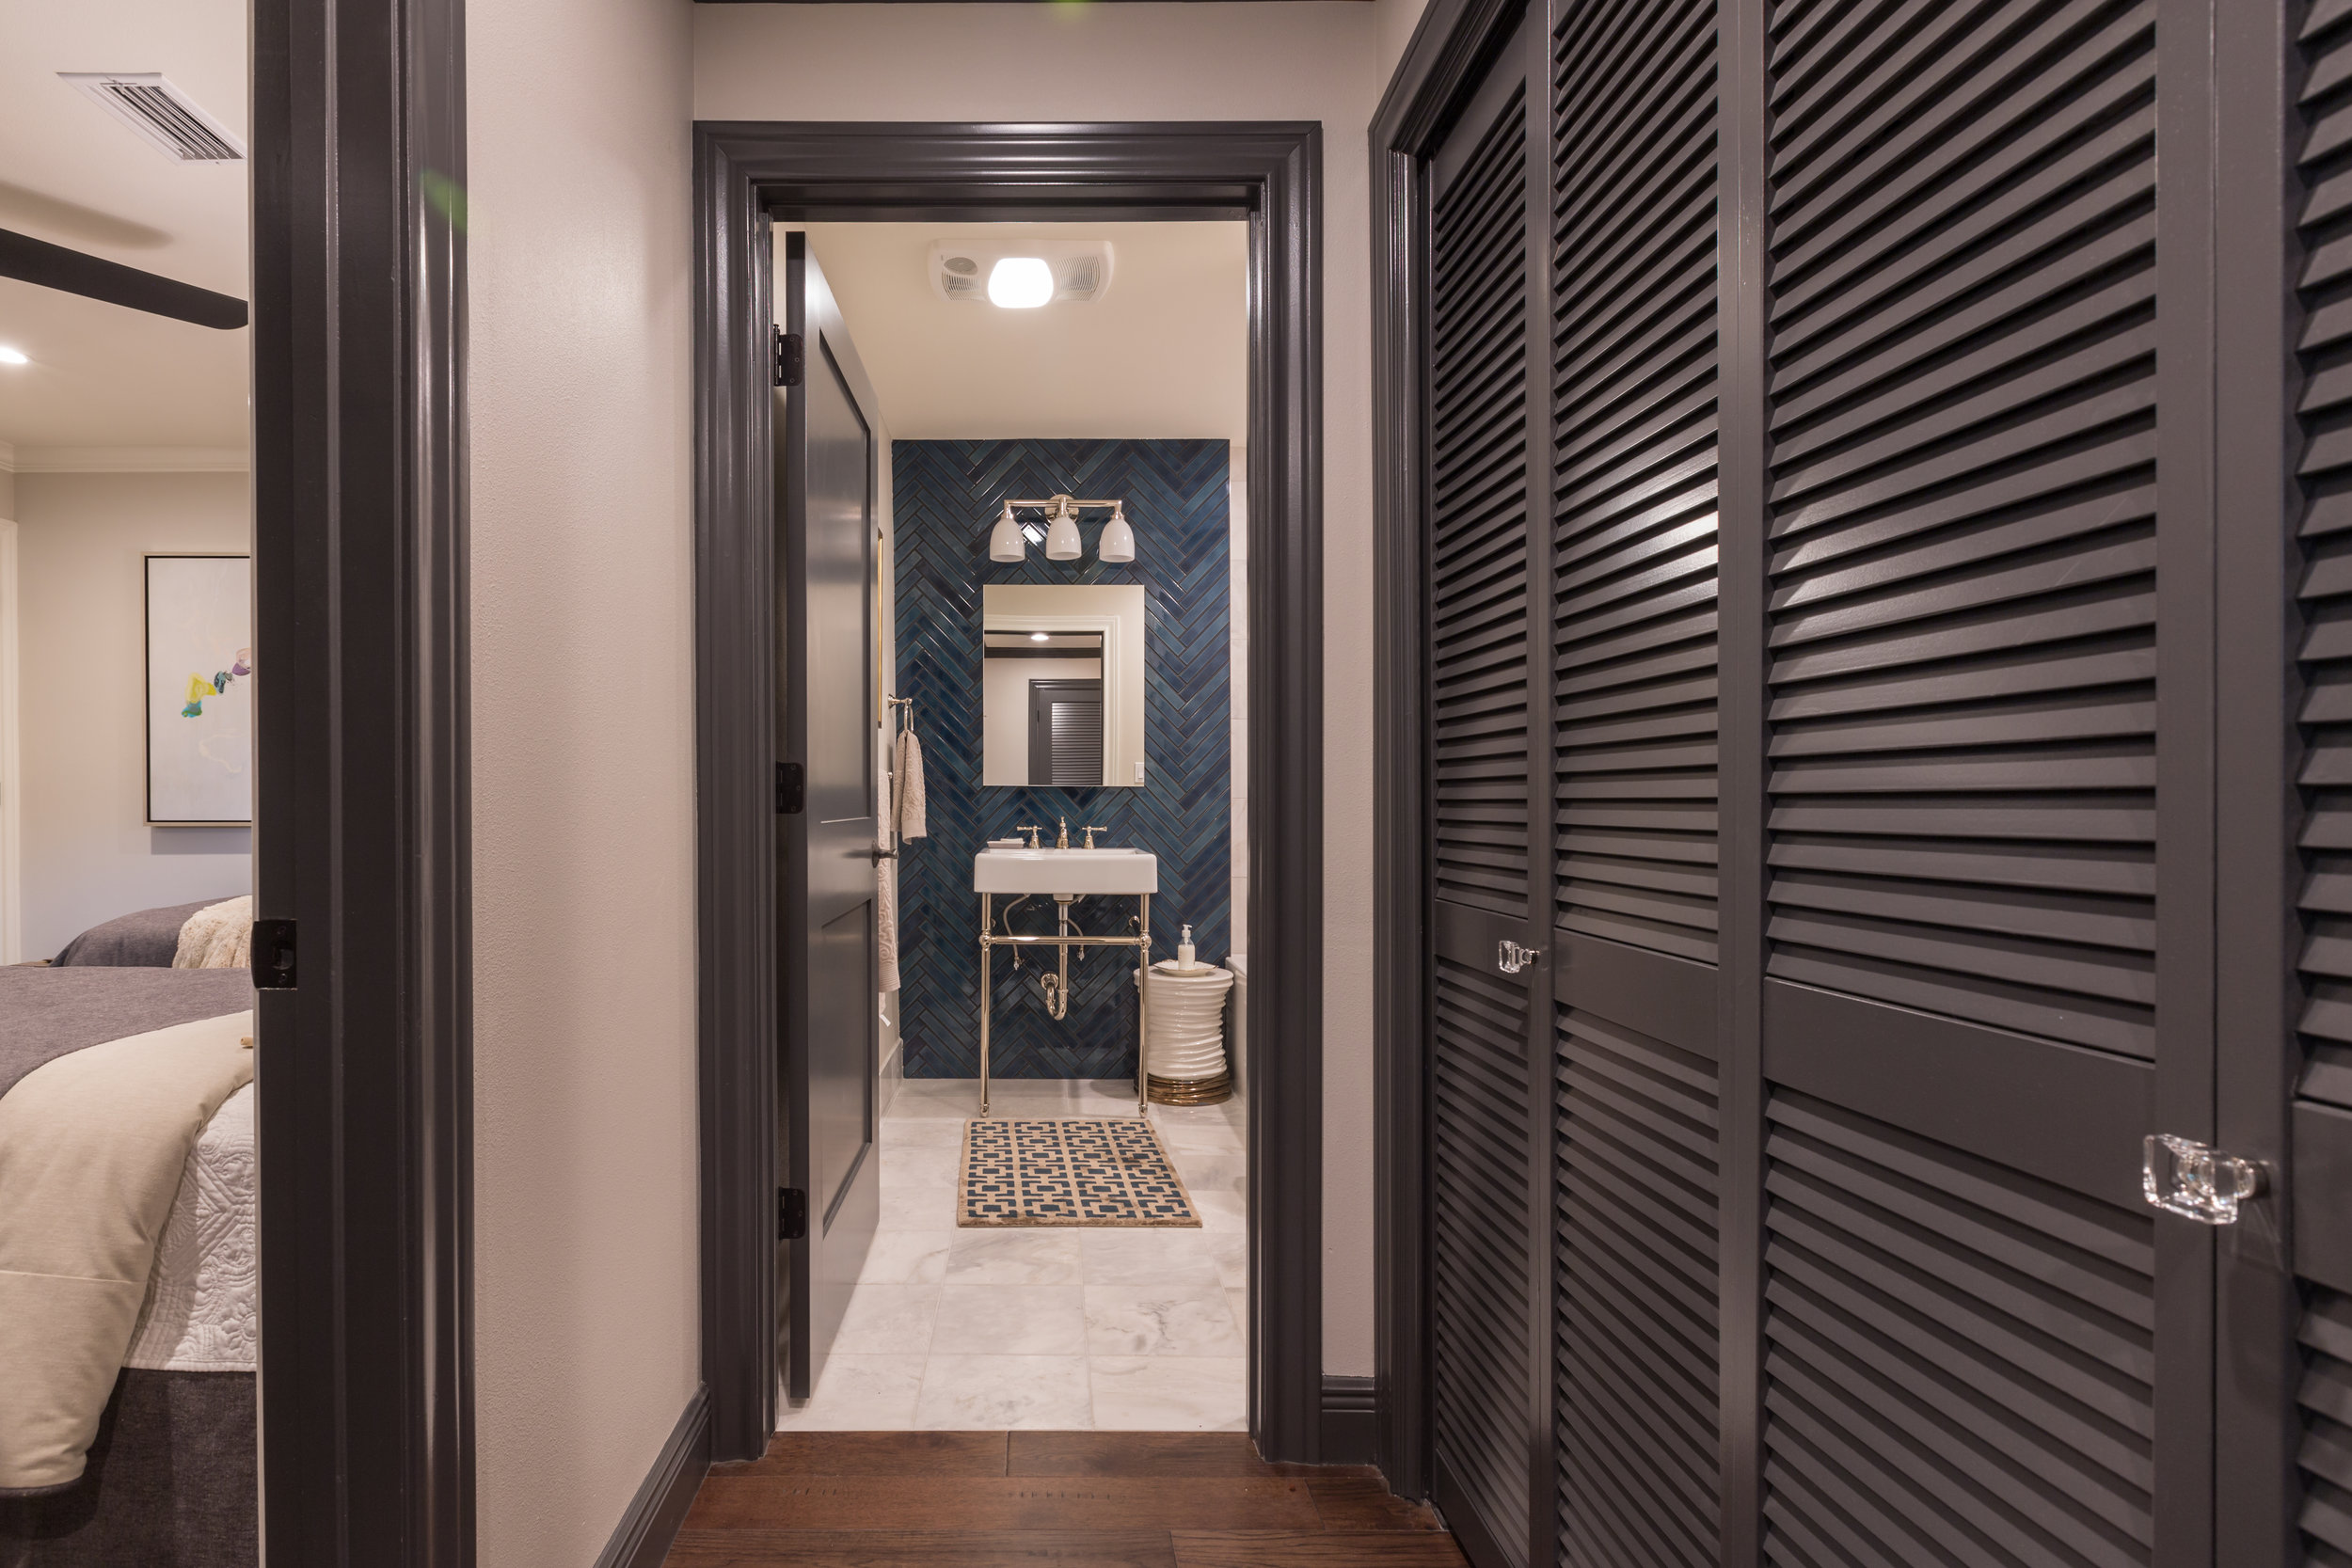 Herringbone guest bathroom tile